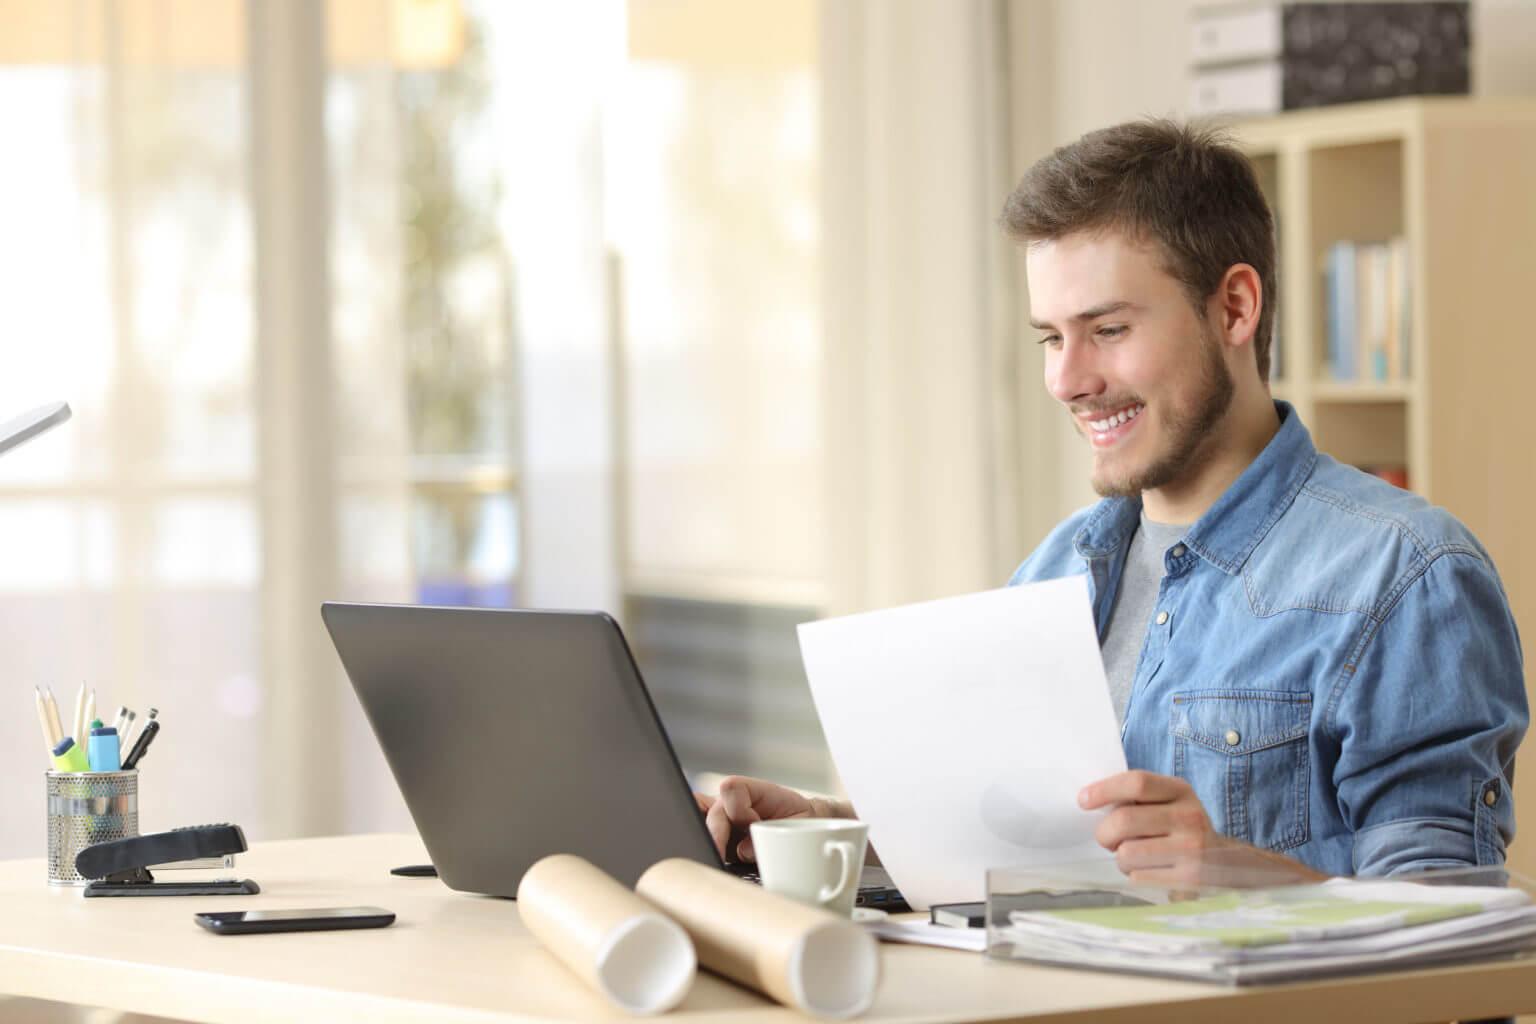 ラップトップPCを使って働いている男性